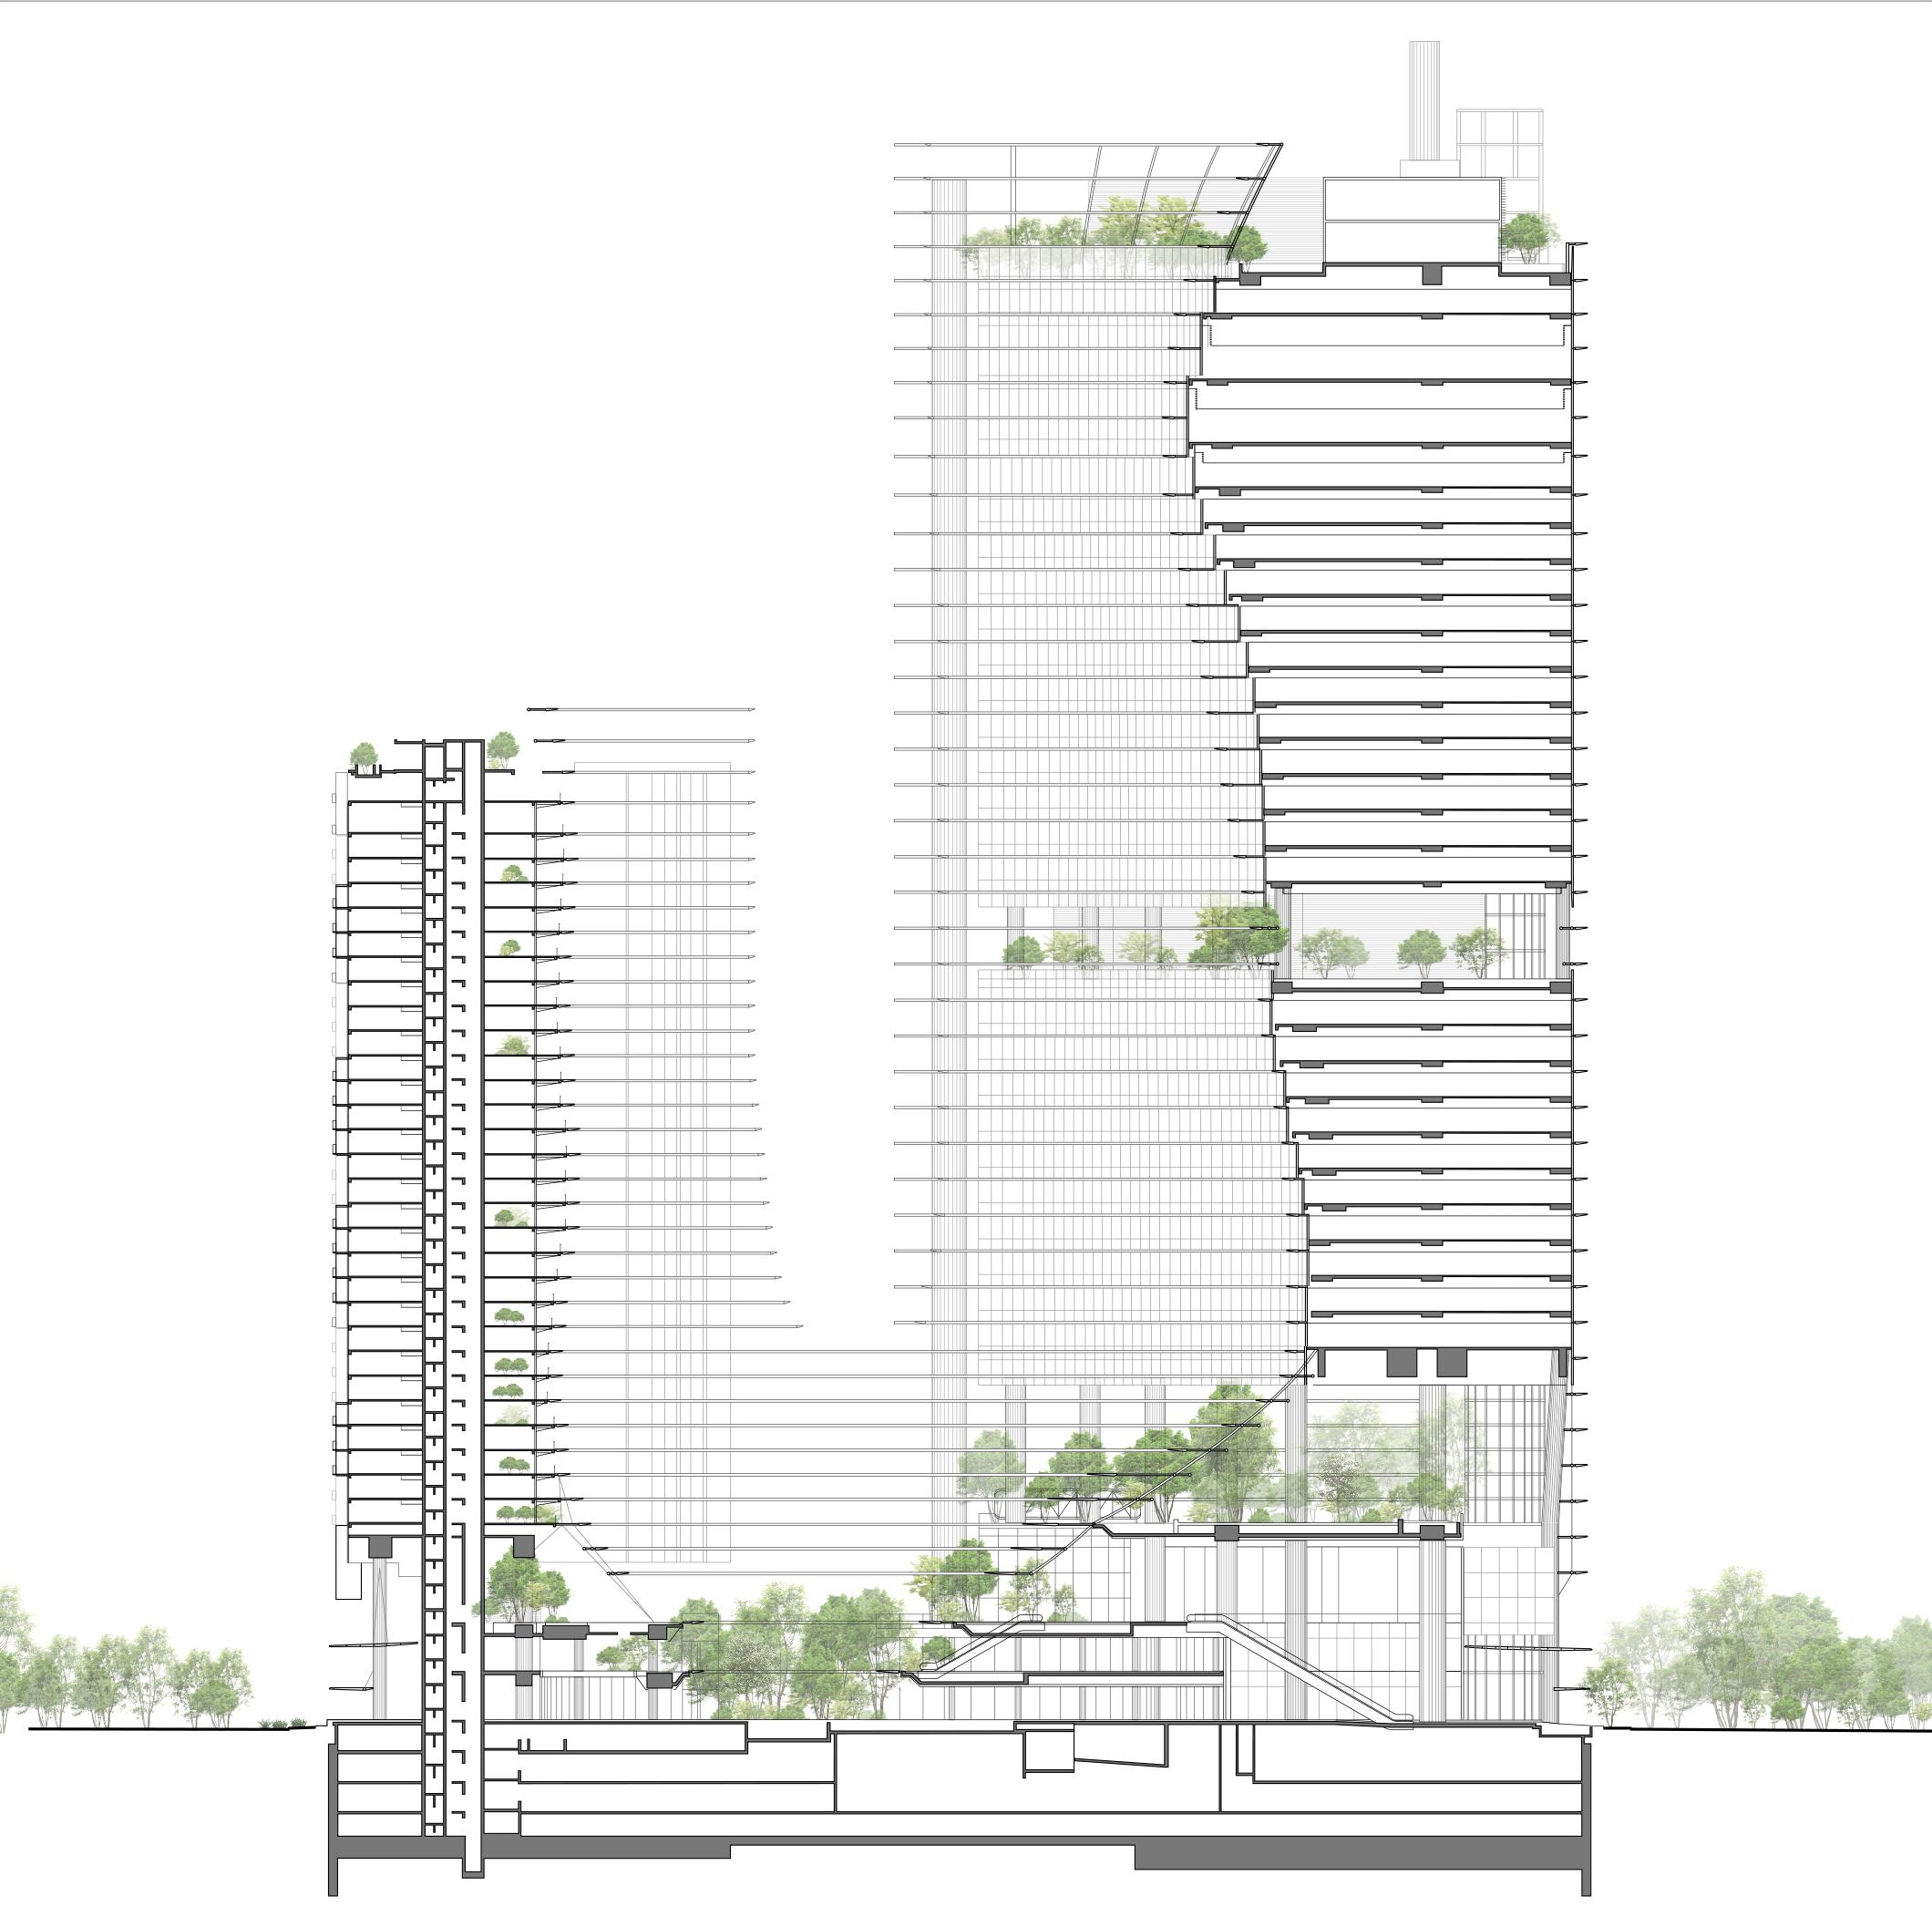 © Elevation - Ingenhoven Architects